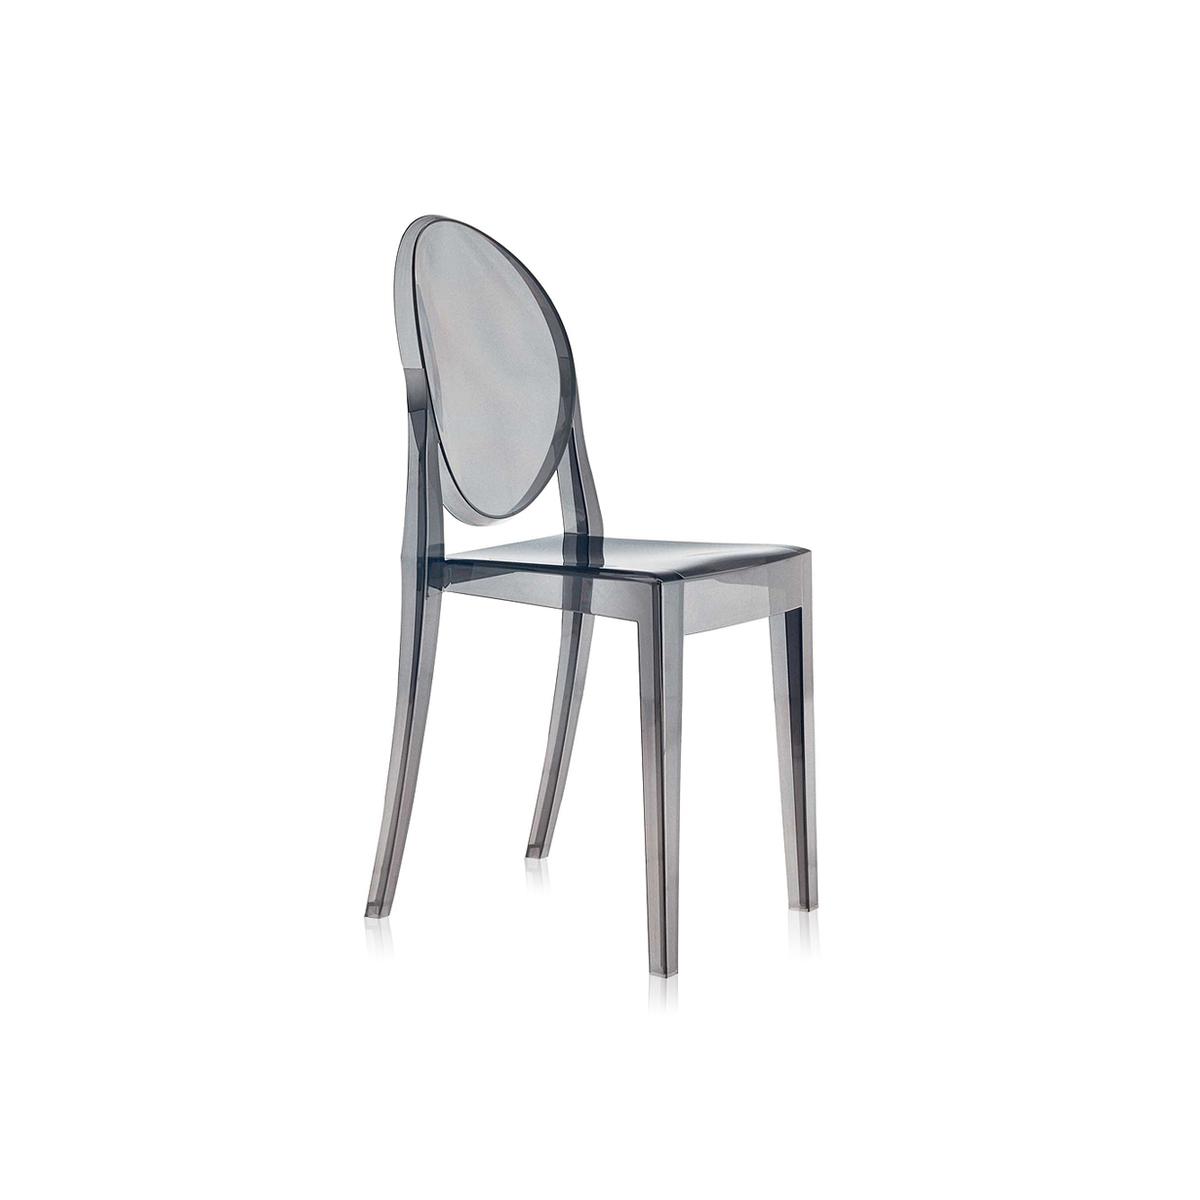 ᐅ Sedia KARTELL GHOST: trasparenza, design, qualità e prezzo =ᐅ ...